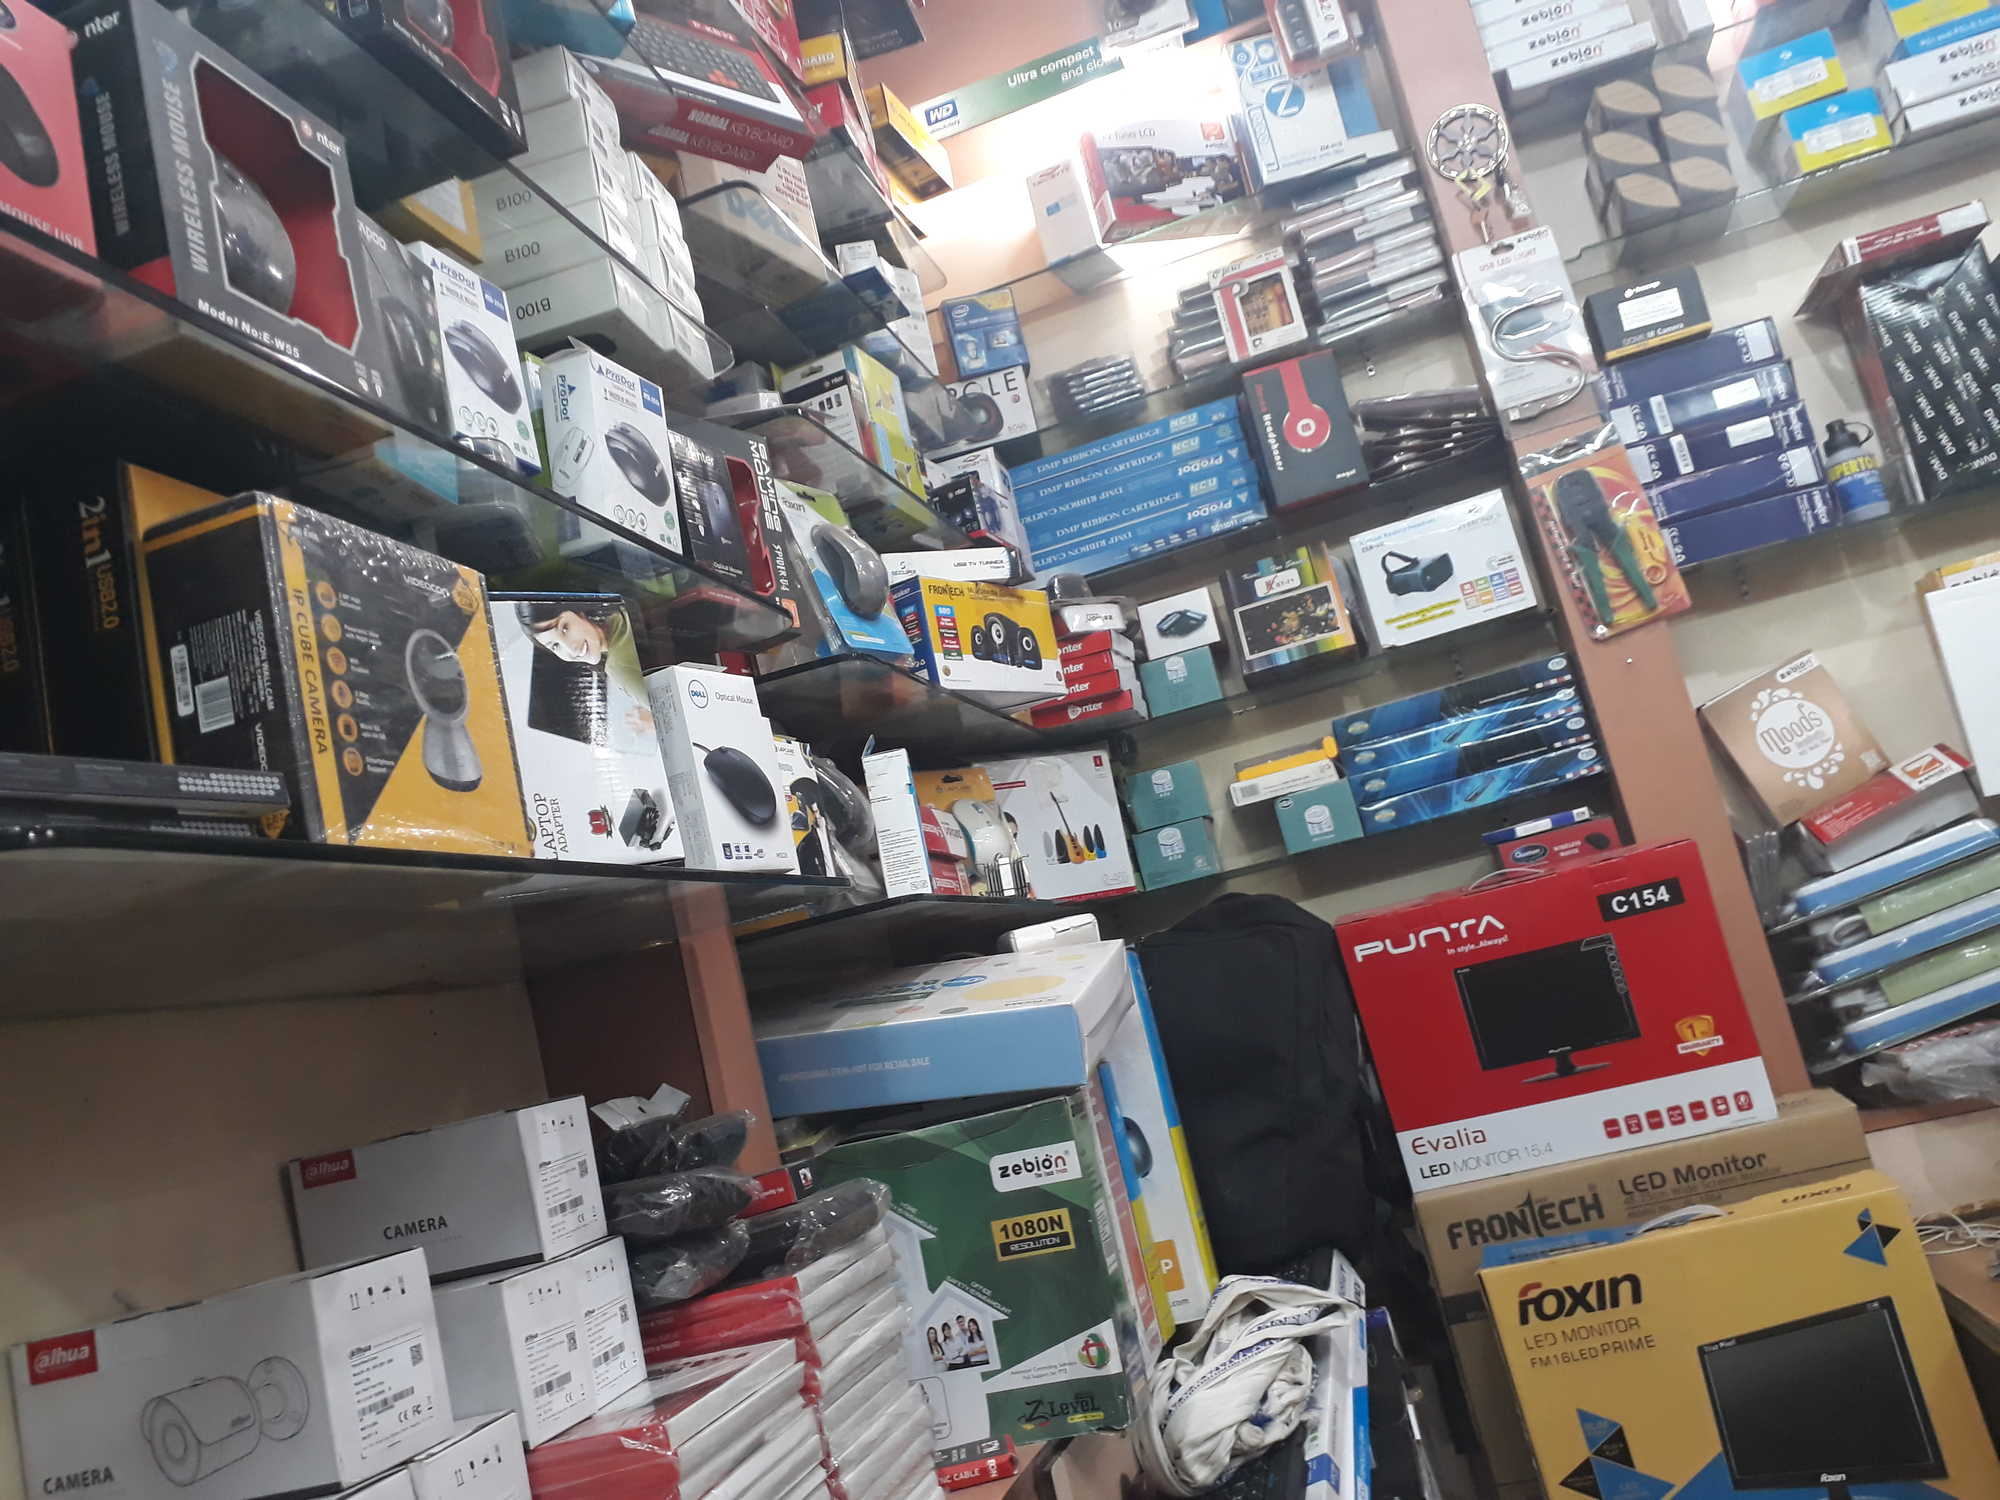 Top 50 Hp Laptop Dealers in Raipur-Chhattisgarh - Best Hp Laptop